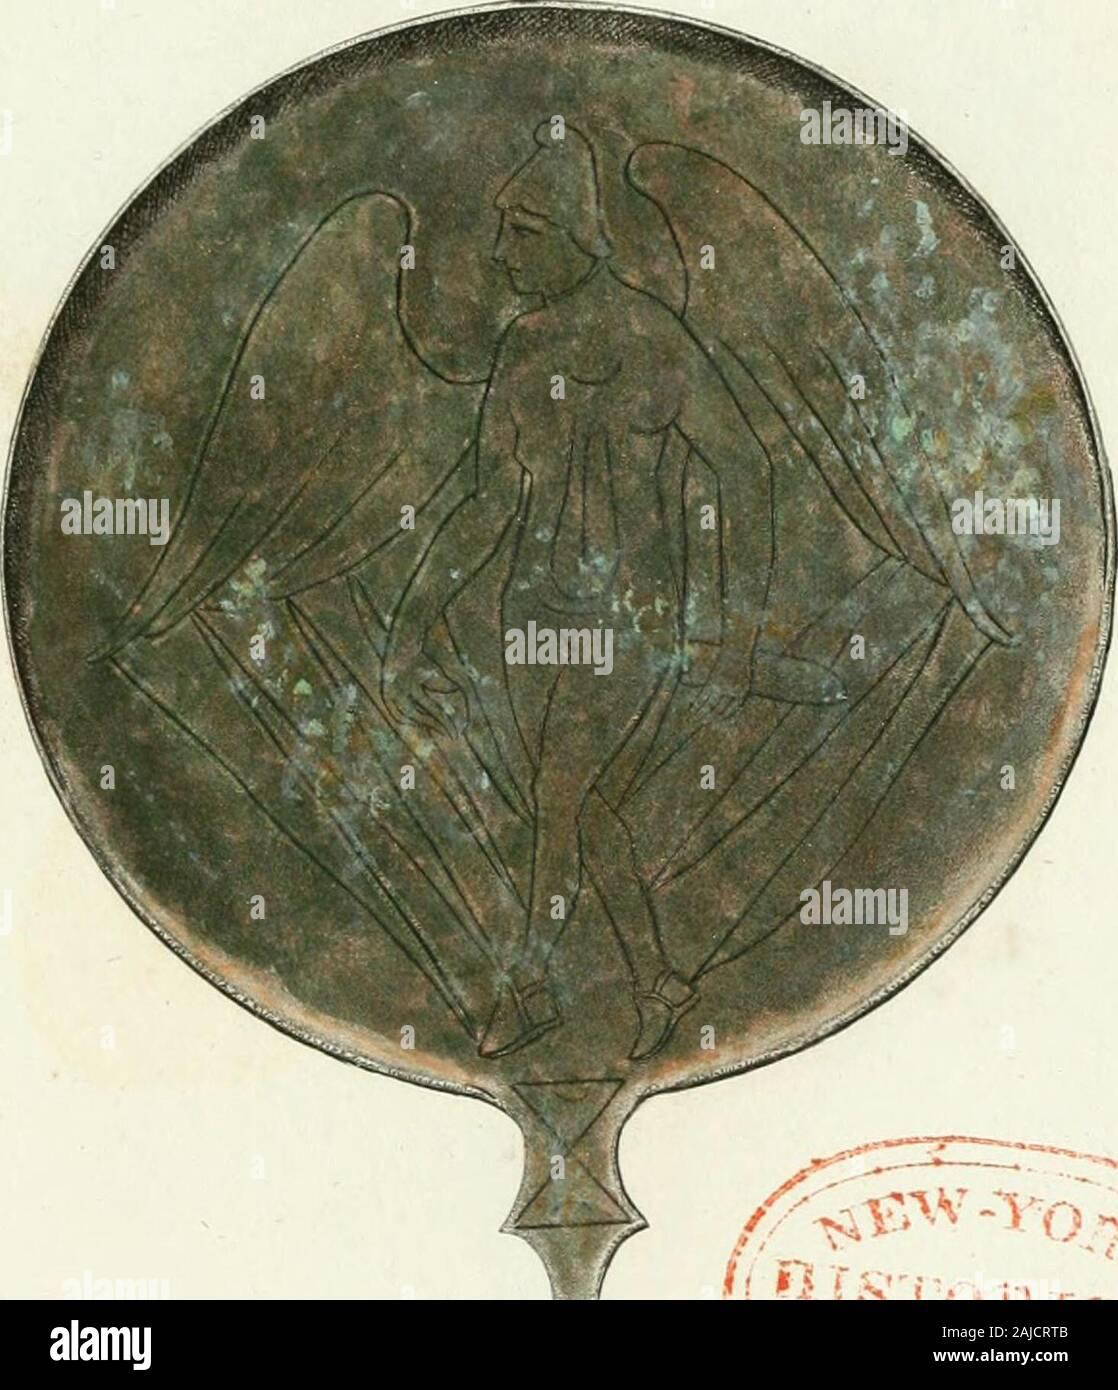 Monumenti etruschi etrusco o di nome . nin. , En Lavacr. ultim., p. FullitJ 36i. , I. 54 • 5 Pausai)., lib. iK , cap. ^11, pág. 14. Ì Spanili ni., en Callimac, 1 cil., r. 6 Caus. , Mas. Roin. Toni. 11, sccr.Sii 7S, 100. Jii . Tav. xxvii , p. ip . TAVOLA XLVI. 4-^9 derôme gli effetti di anu severa Nemesi animi sugli dei col-pevoli . Se vogliamo pertanto giudicare di questi Specchi misticidalle rappresentanze che essi contengono, potremo direche essi presentavano agi iniziati, pei cuali facevansi, istruzione unadoppia cioè di fisica e di inorale. Non mi stndunque allontanato dal vero, paloma ho giudic Foto de stock